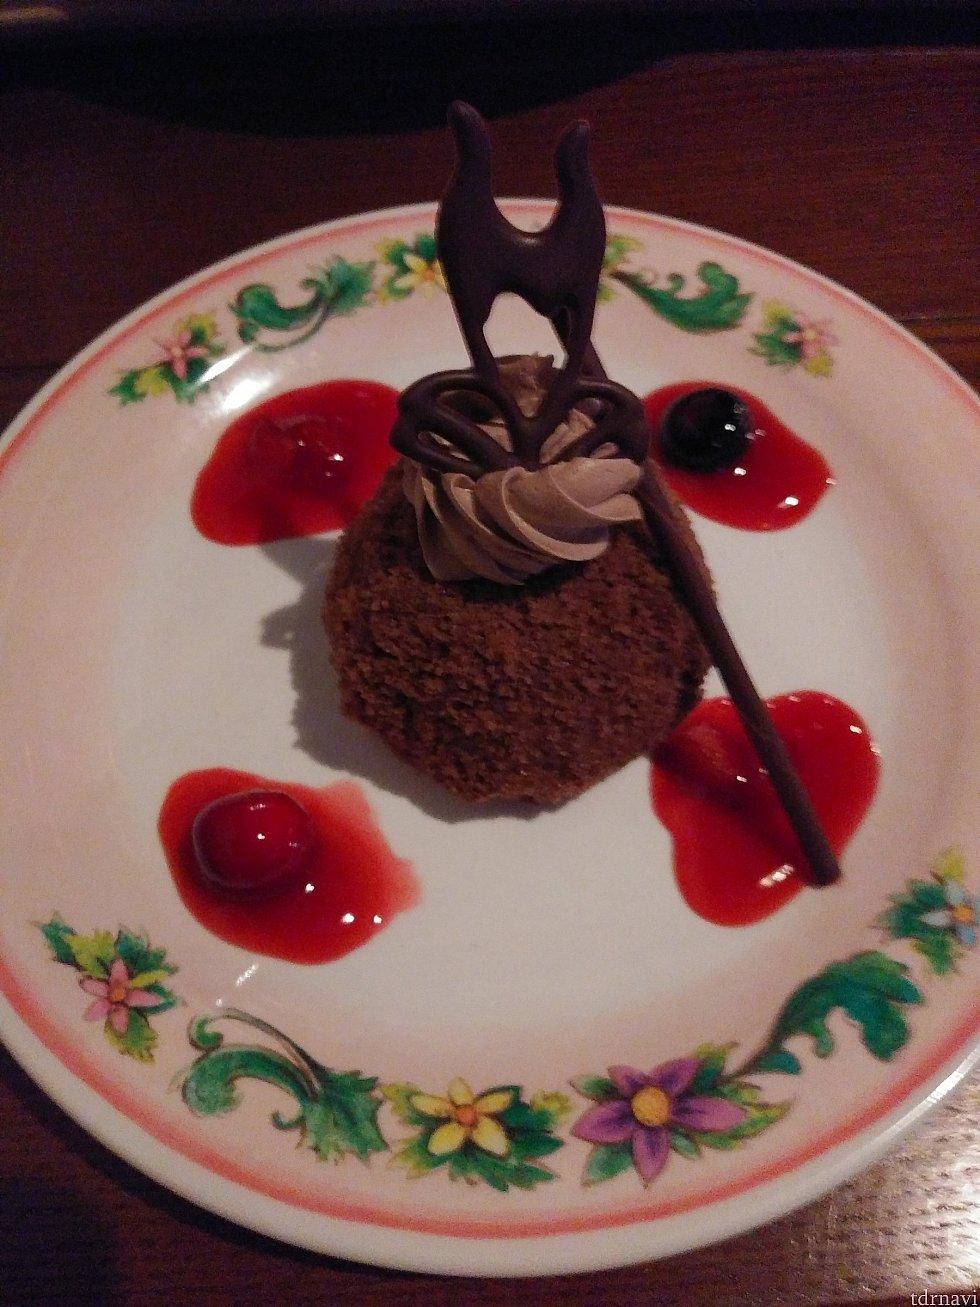 チョコレートムースの上にはチョコレートで出来てるマレフィセントが😄 赤いのはベリーのソースです。イチゴやブルーベリーも入ってました。